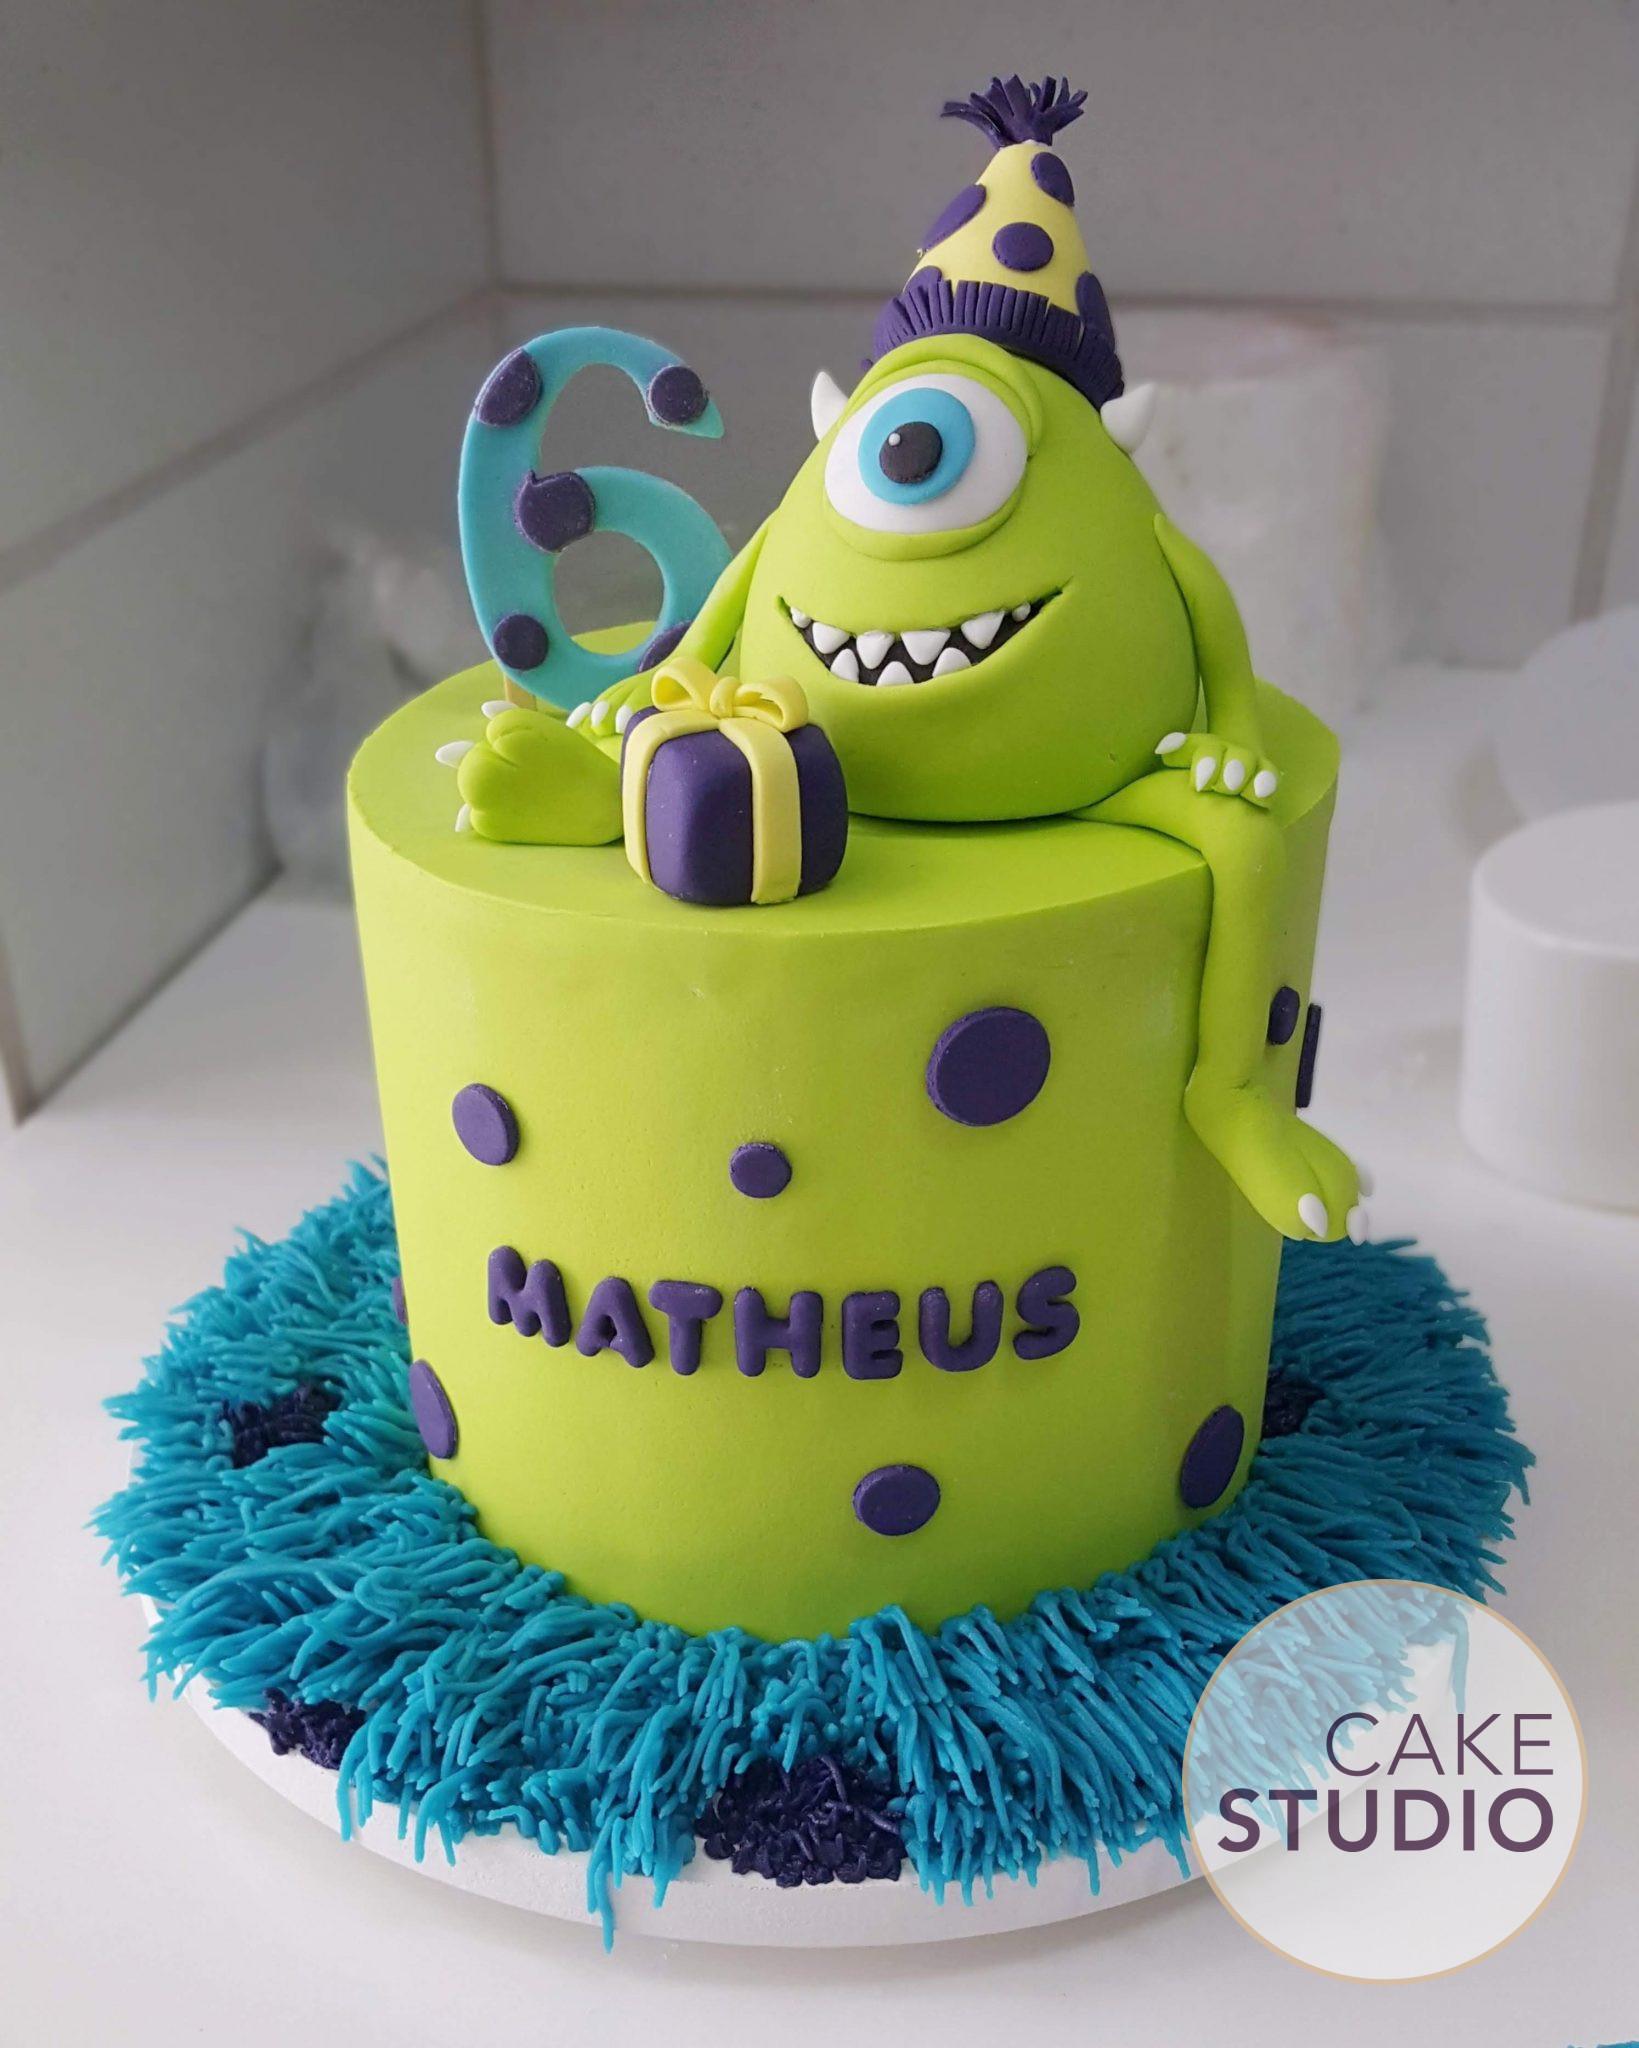 Mini bolo de mesversário tema Monstros SA com topo de bolo do Mike Wazowski. Feito por Cake Studio ( contato@cakestudio.com.br | Whatsapp: (11) 96882-2623 )